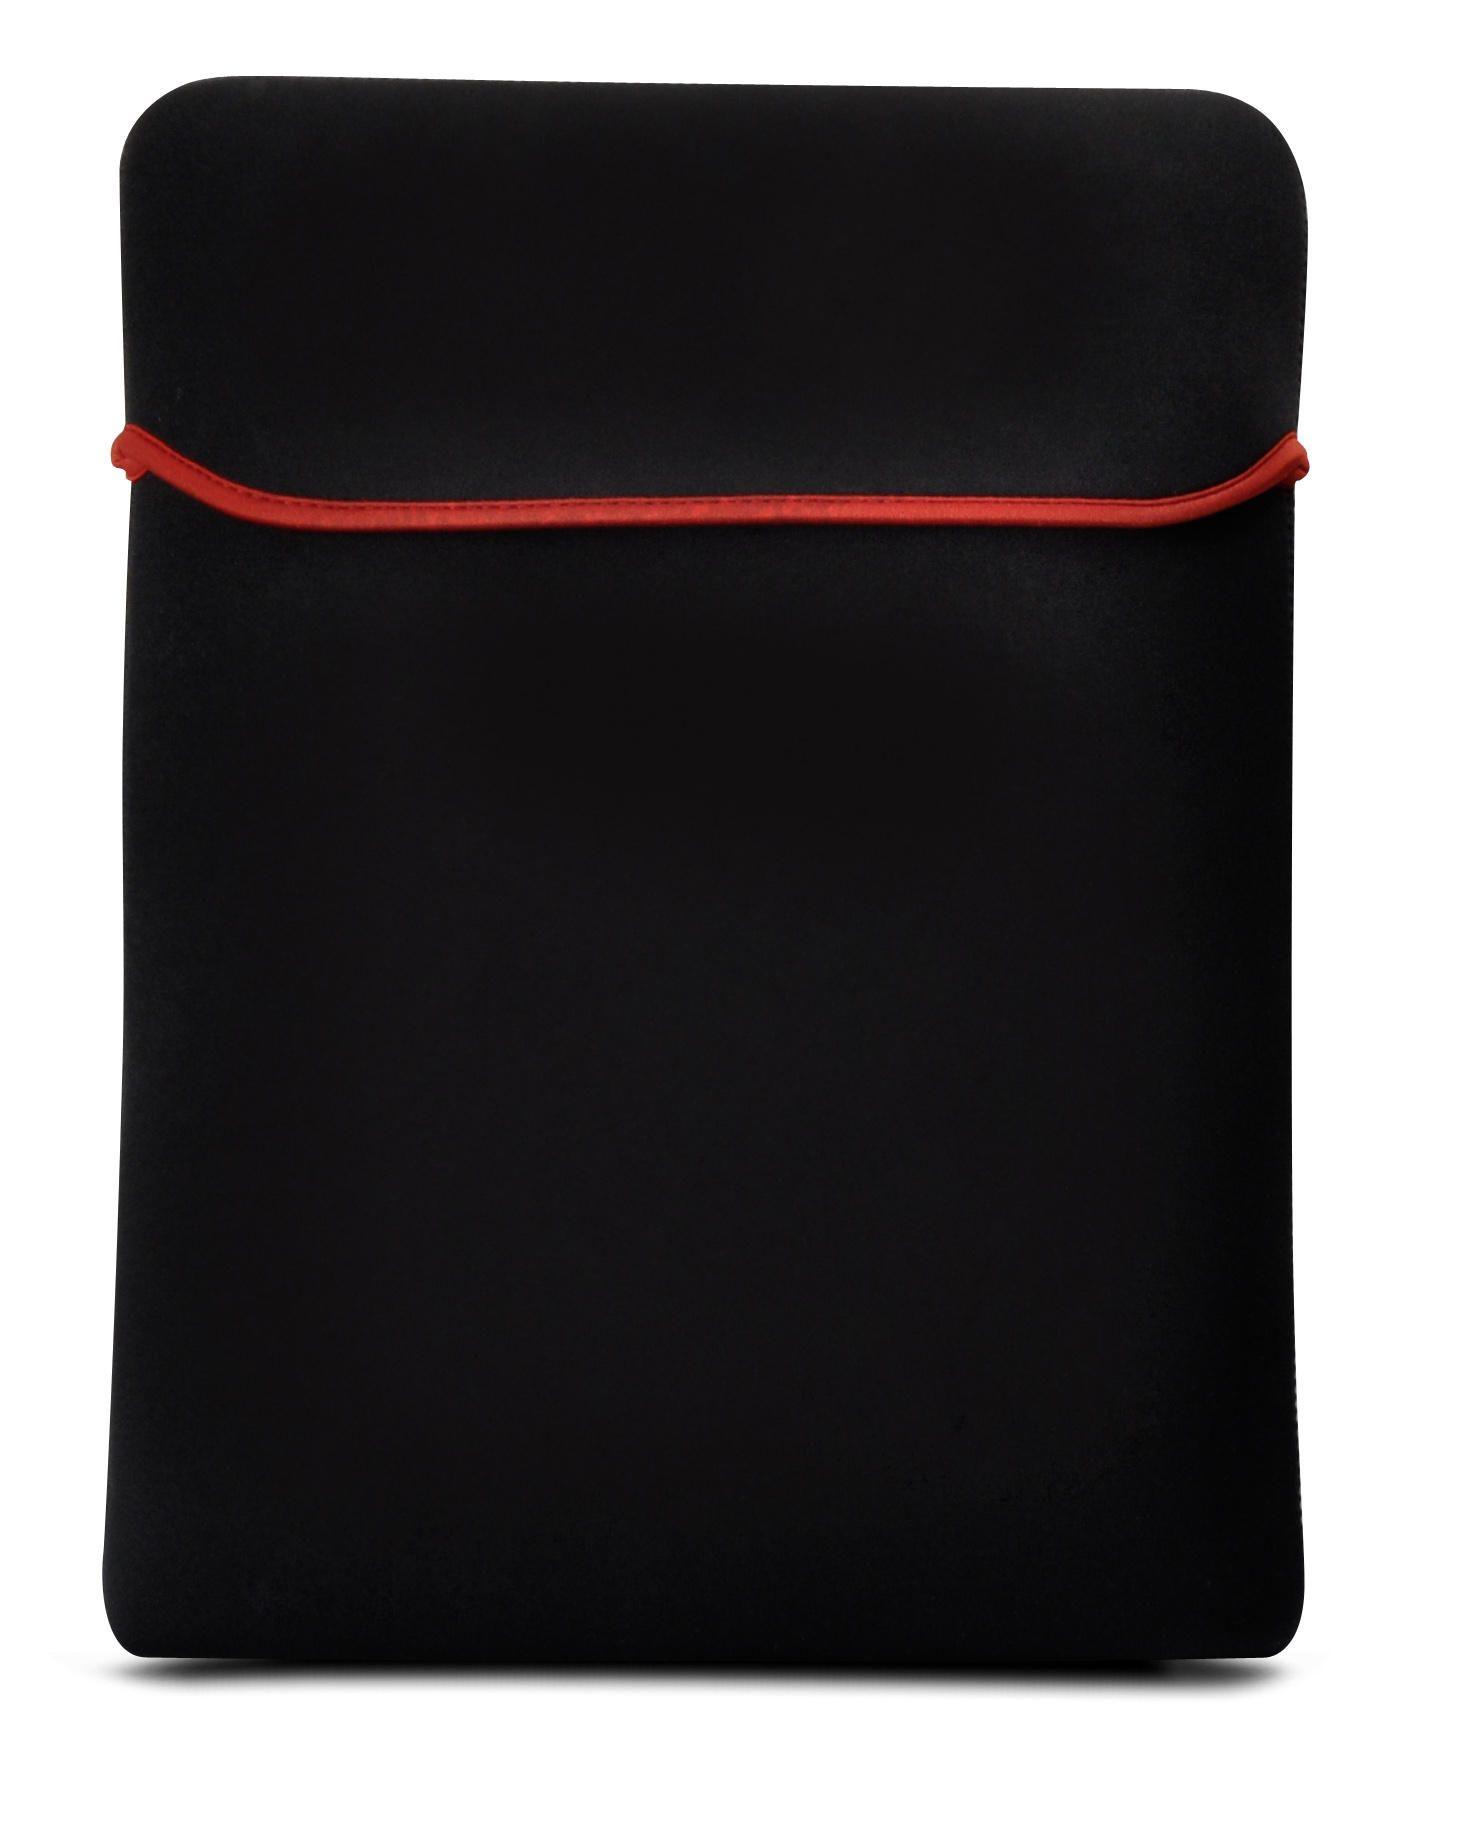 Generique 10.1-Inch Tablet Sleeve | Buy online